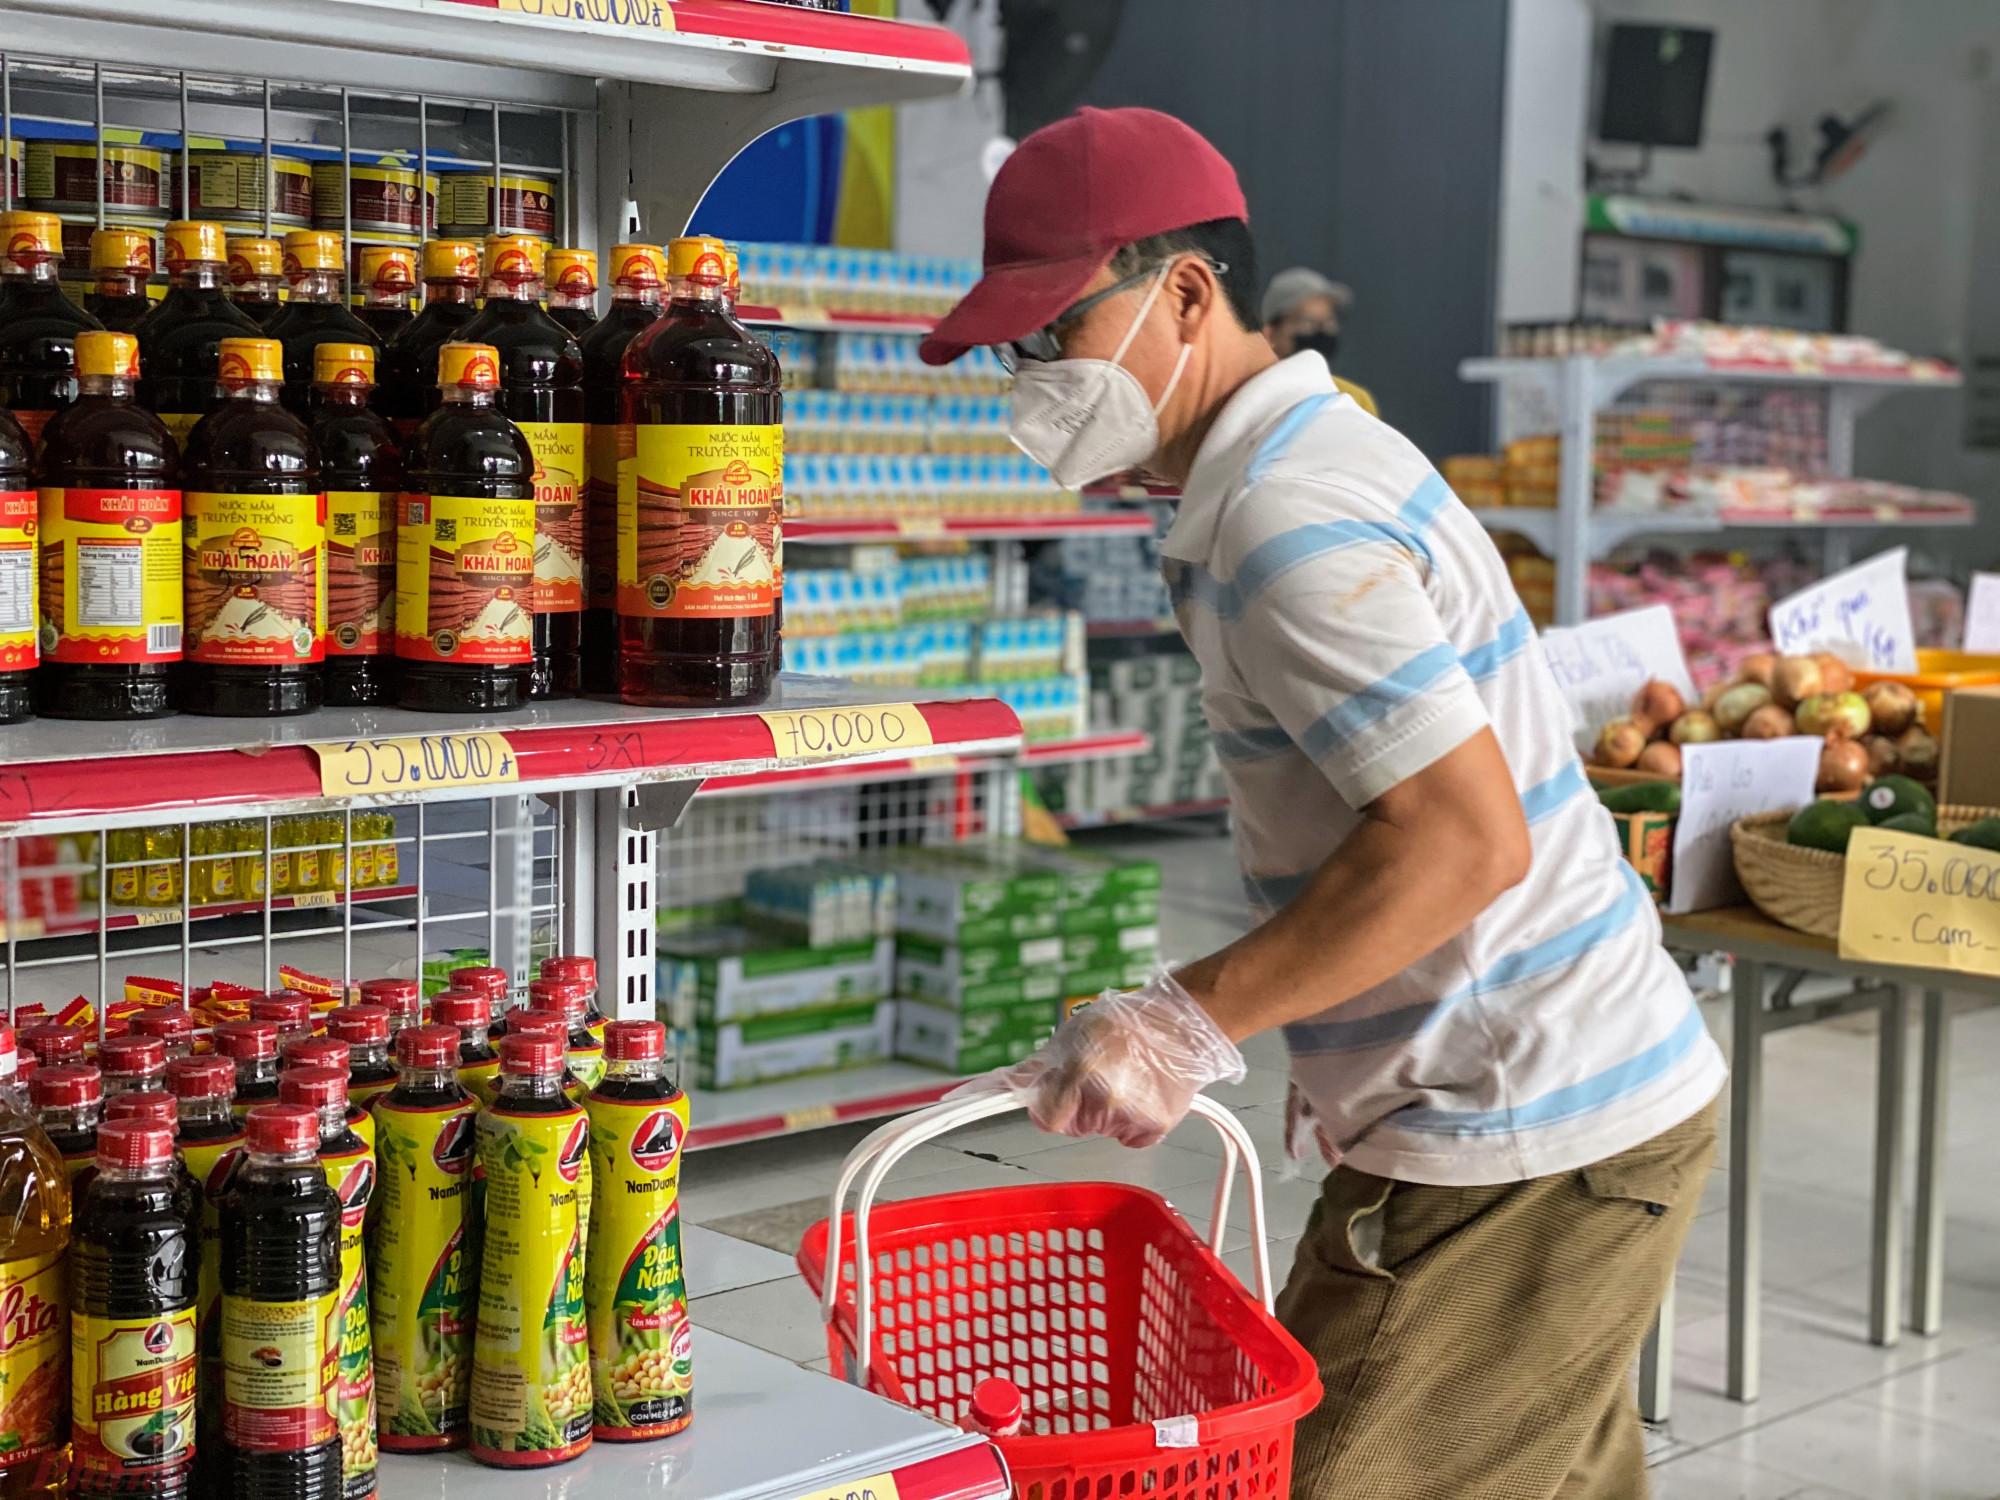 Đa số người dân sẽ lựa chọn đủ hết các mặt hàng trong siêu thị, mỗi thứ một sản phẩm để đảm bảo đồ dùng trong nhà.